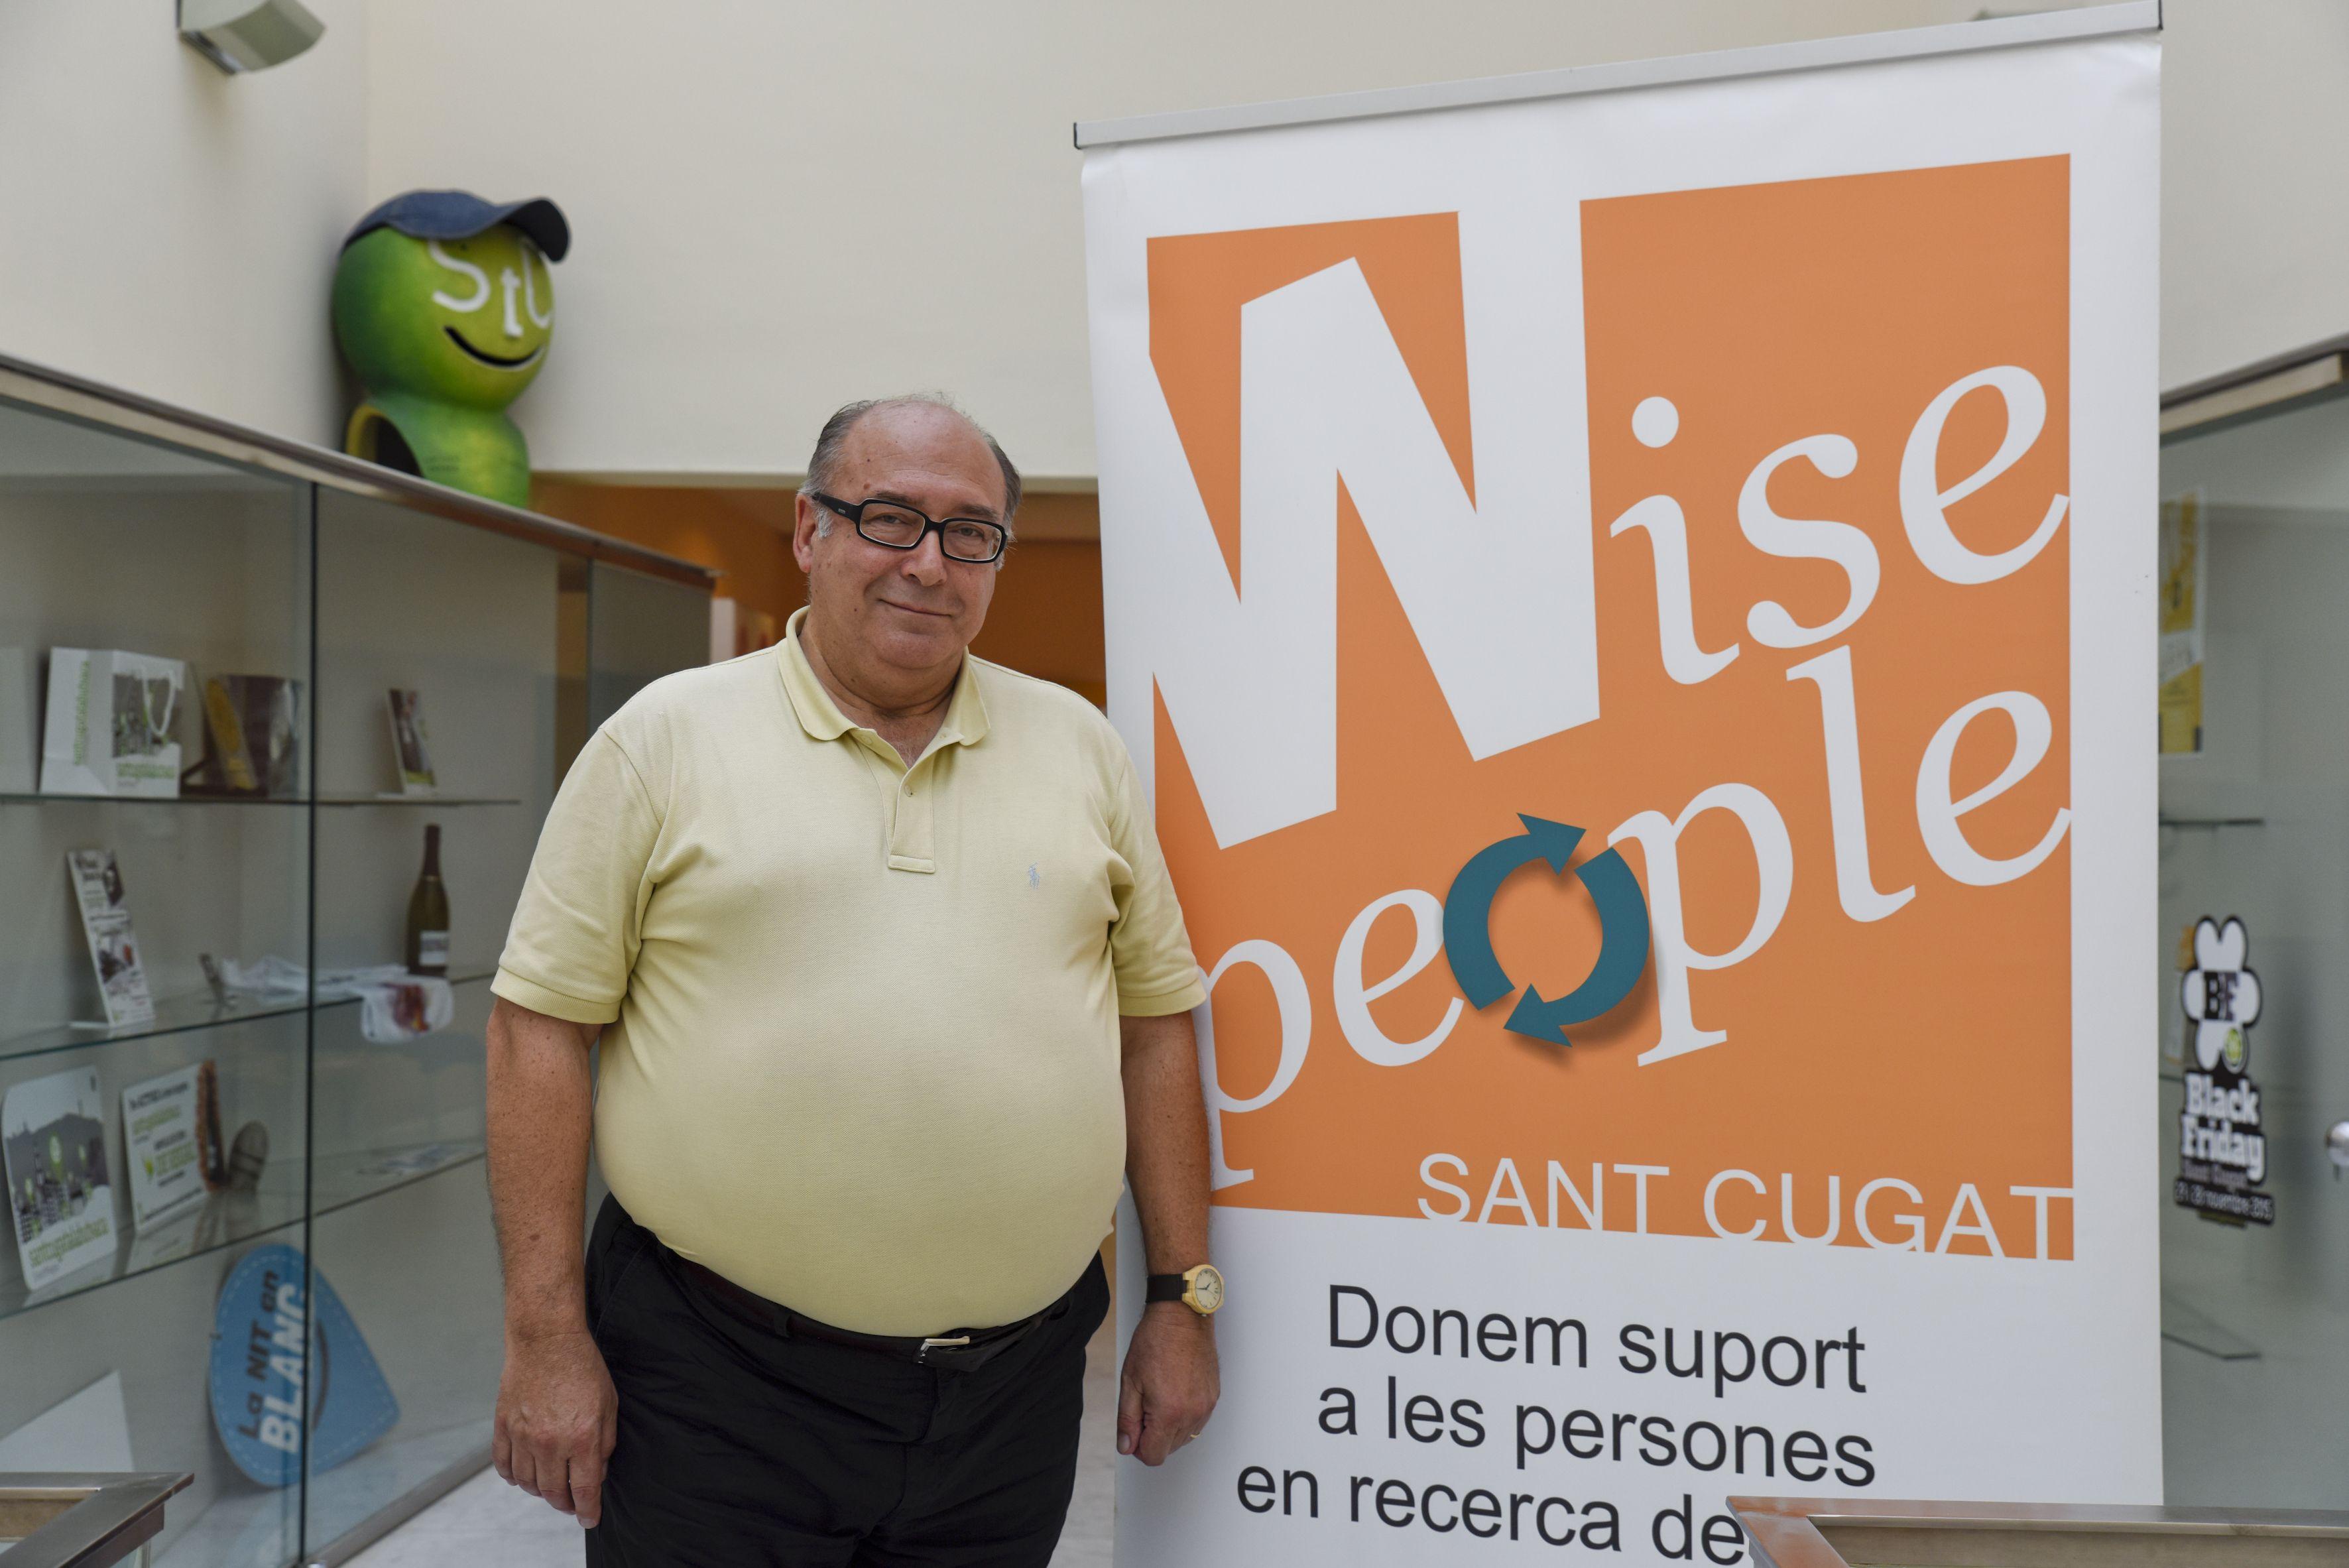 Joan Bigorra, president de Wise People Sant Cugat FOTO: Bernat Millet